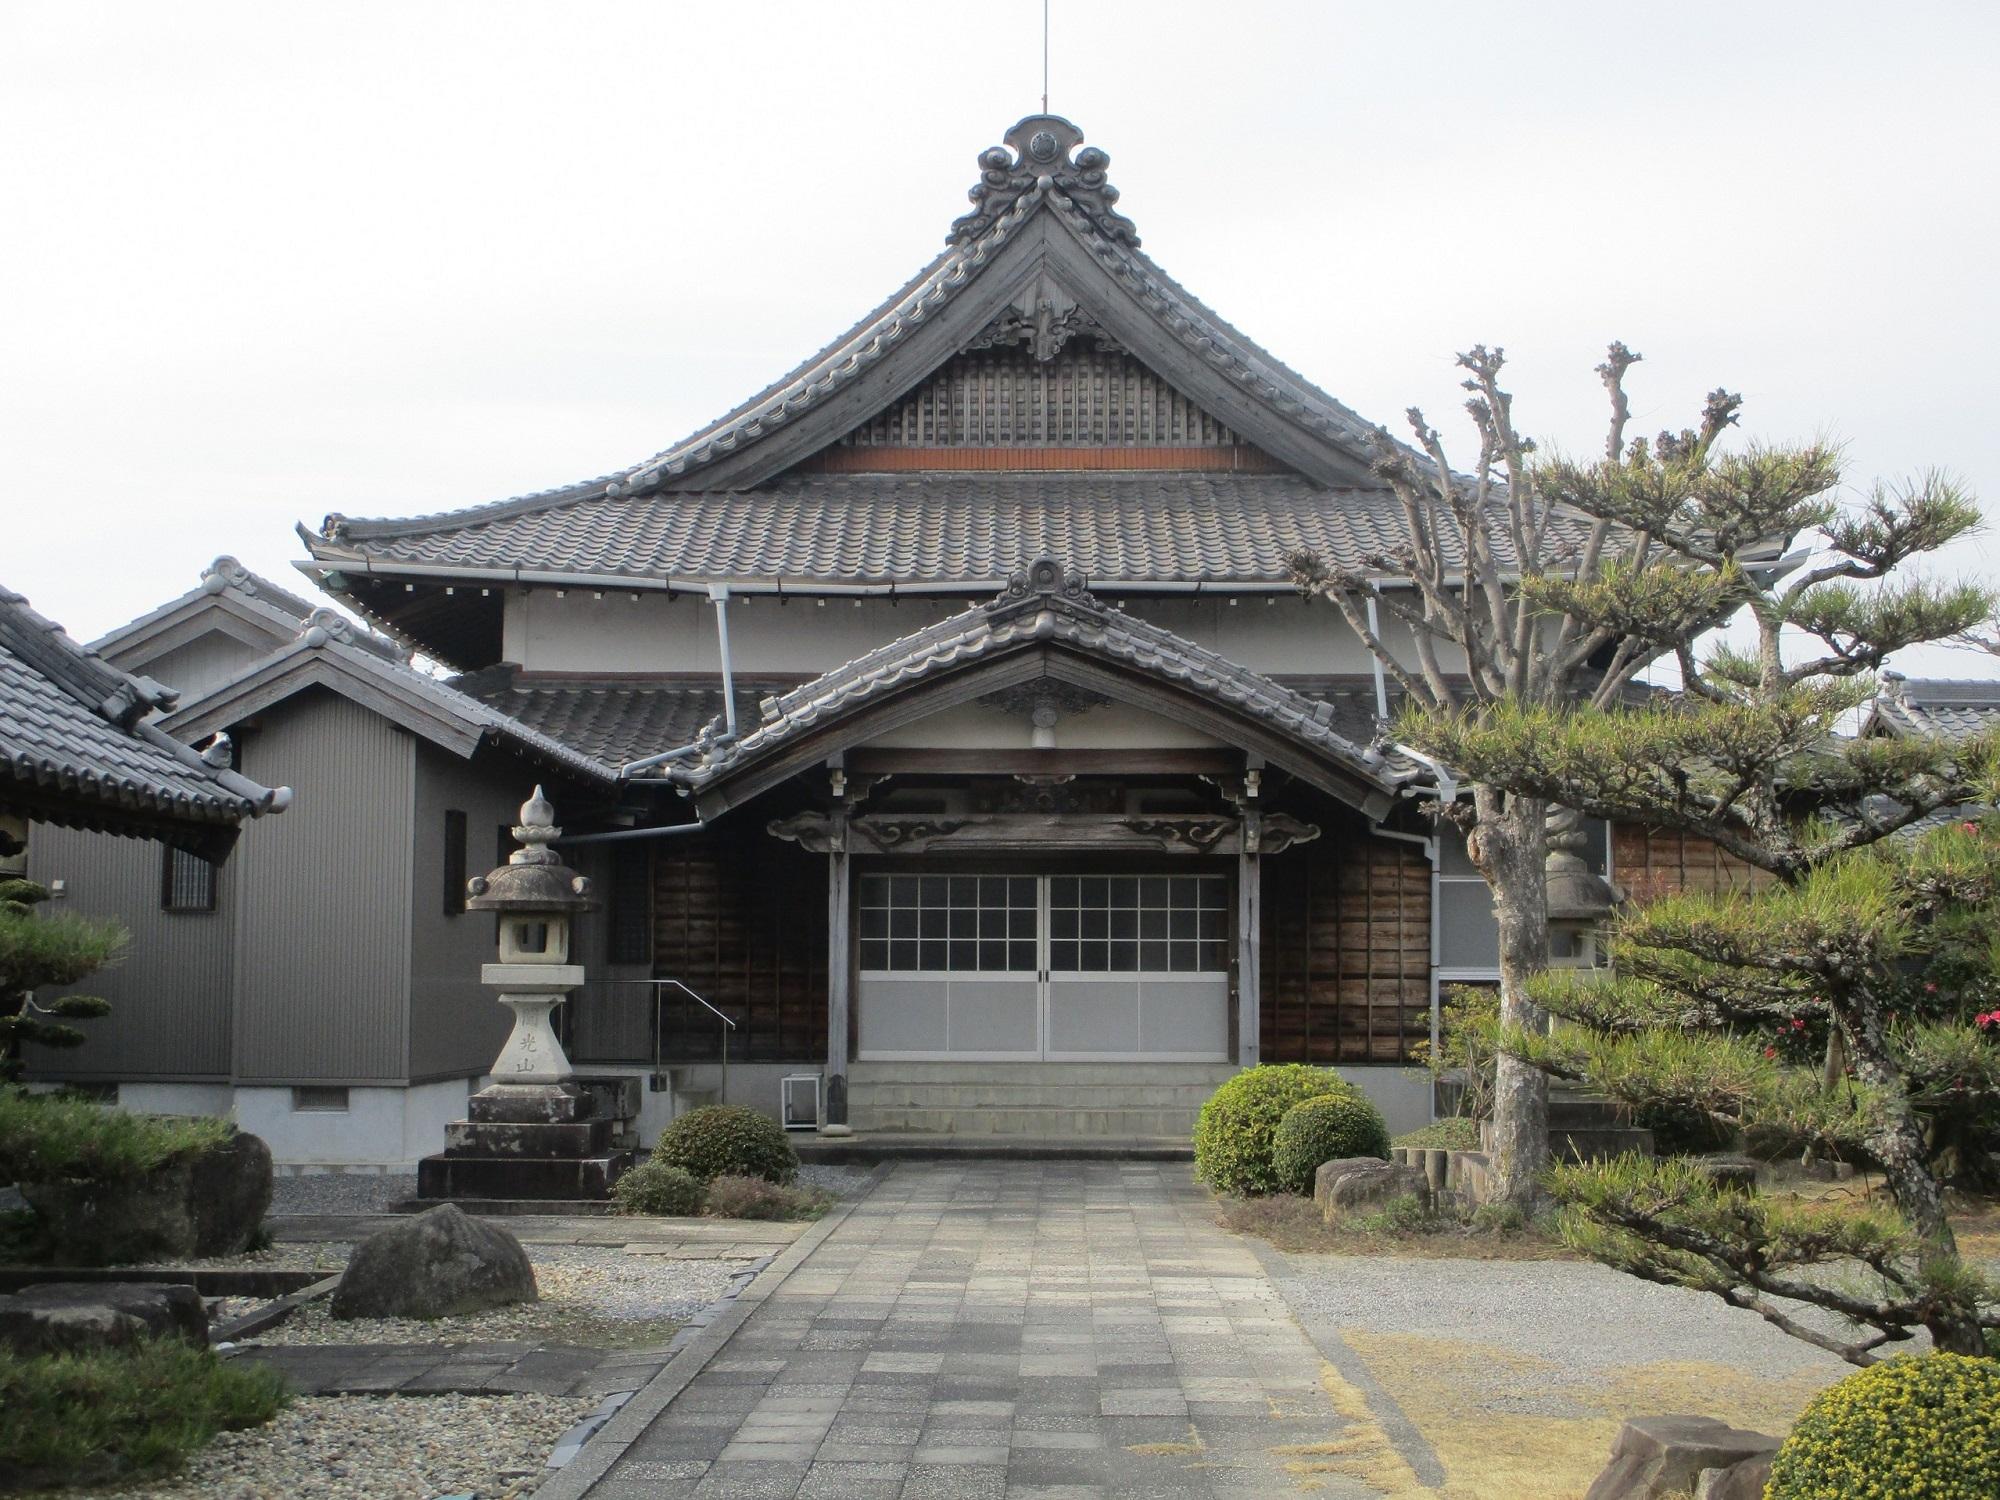 2020.2.3 (3) 城泉寺 - 本堂(武徳殿たてもん) 2000-1500